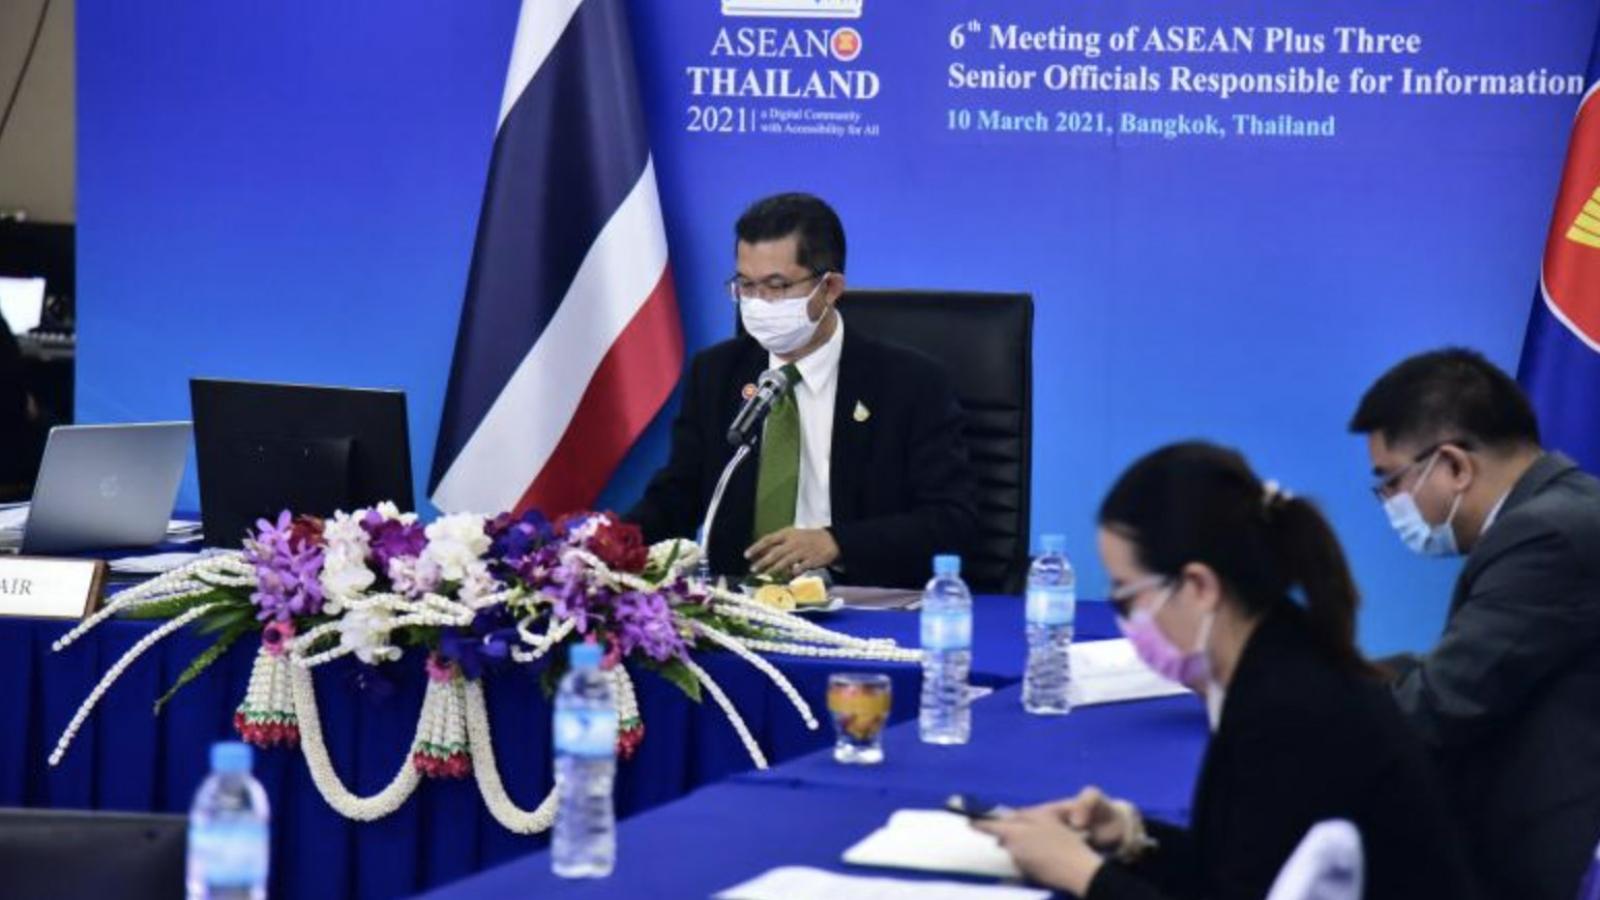 ASEAN thúc đẩy và nâng cấp các dịch vụ phát thanh, truyền hình